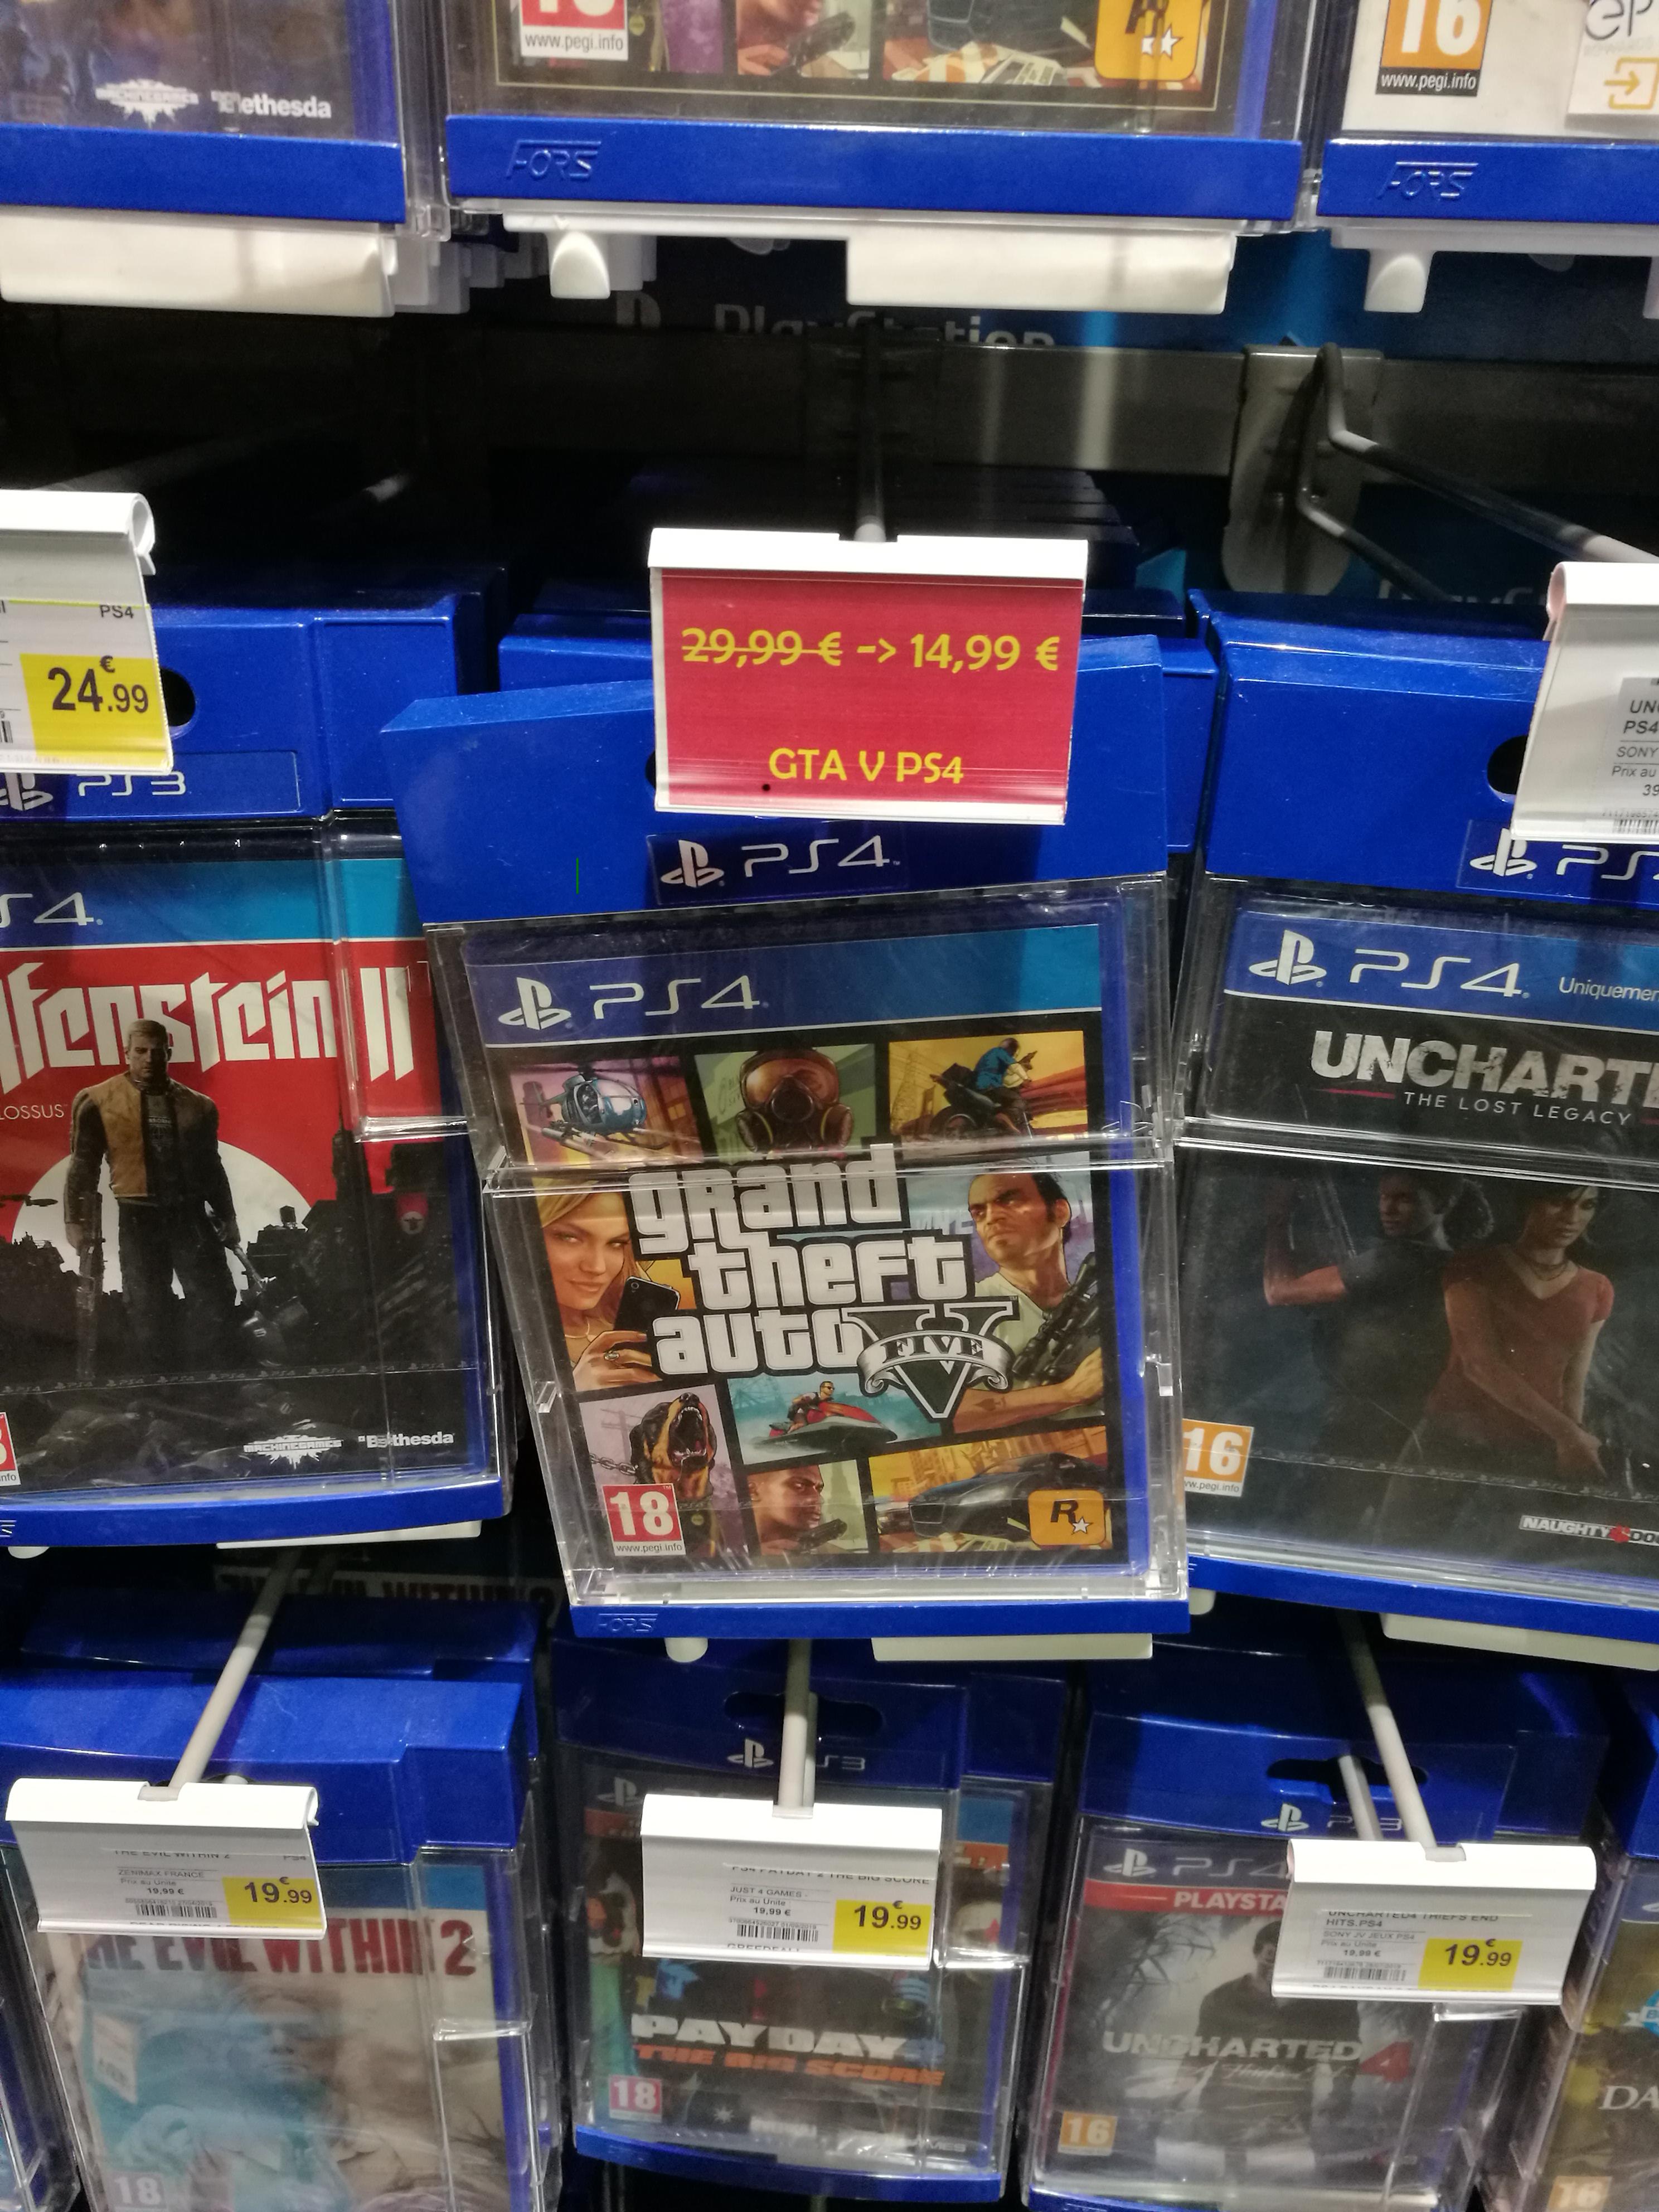 Grand Theft Auto V (GTA V) sur PS4 - Andrézieux (42)